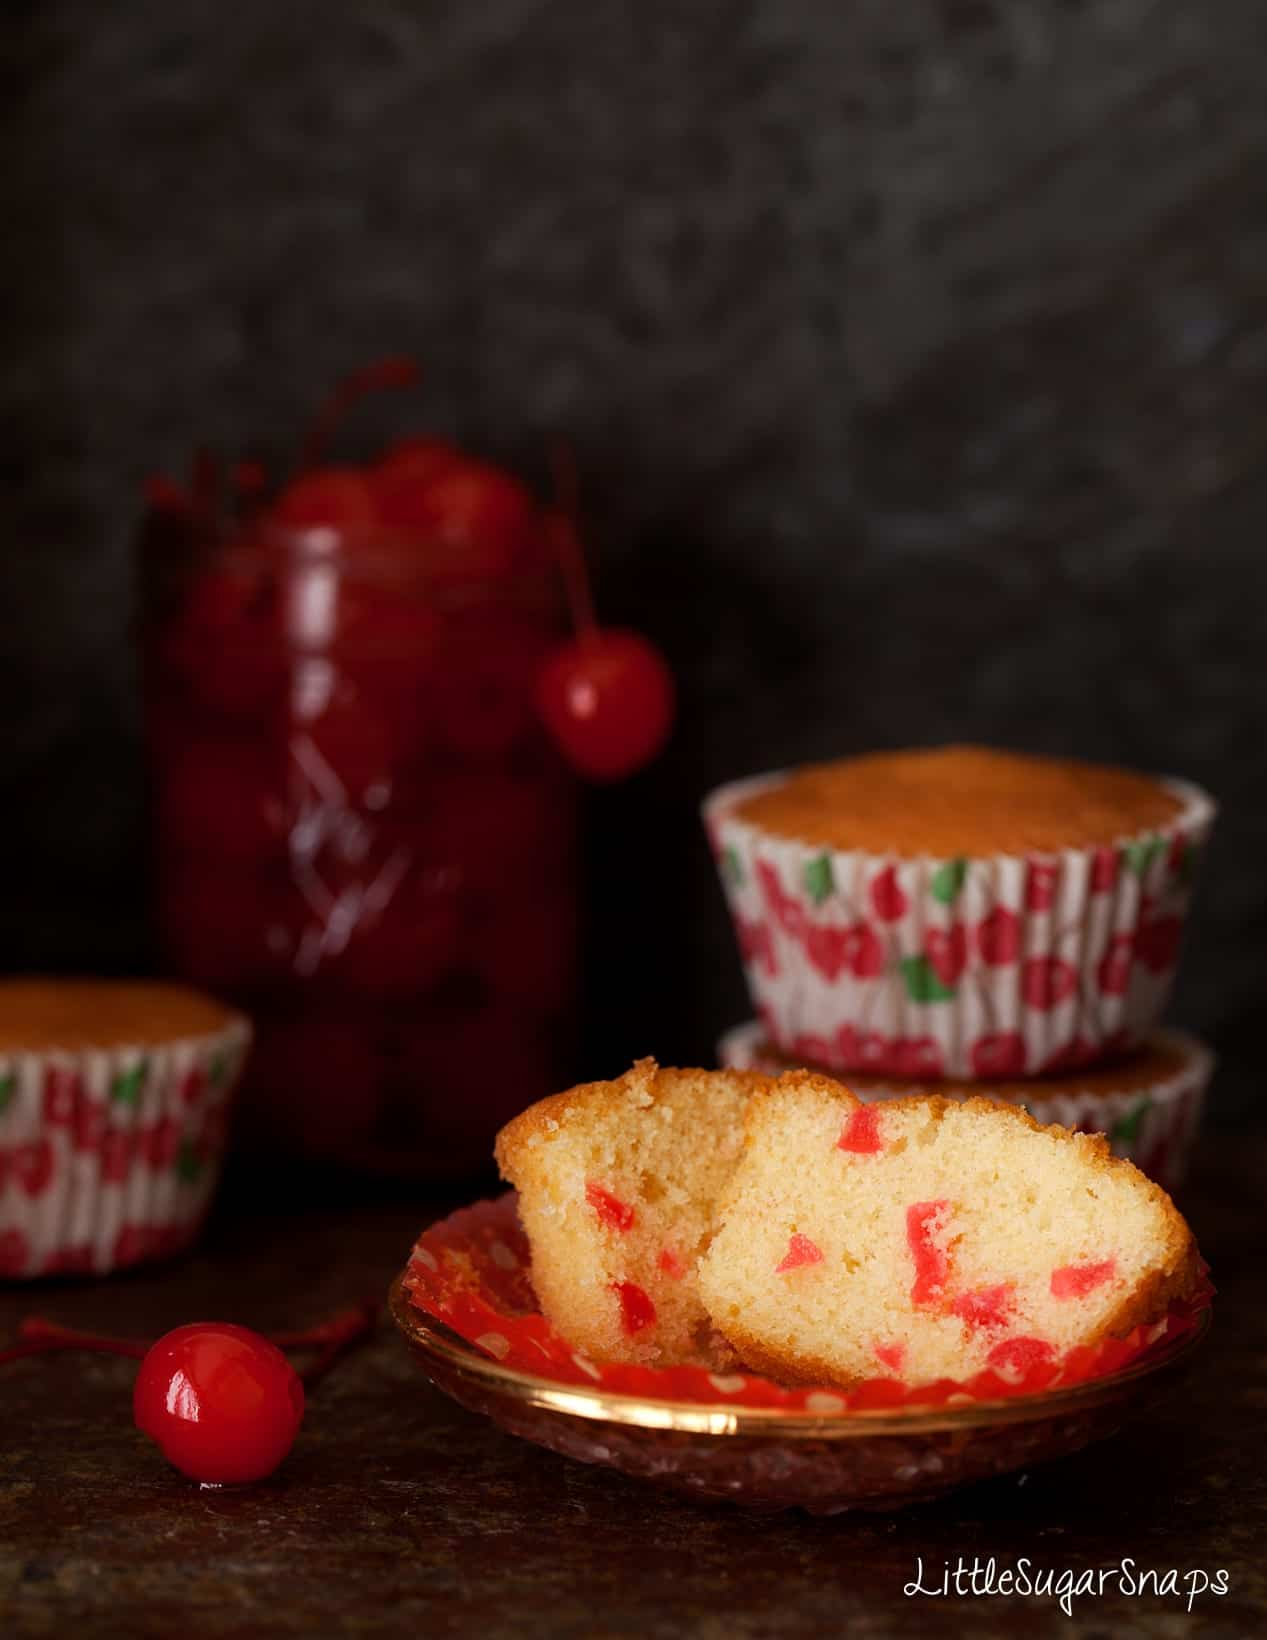 Maraschino Cherry Cupcake cut in half.